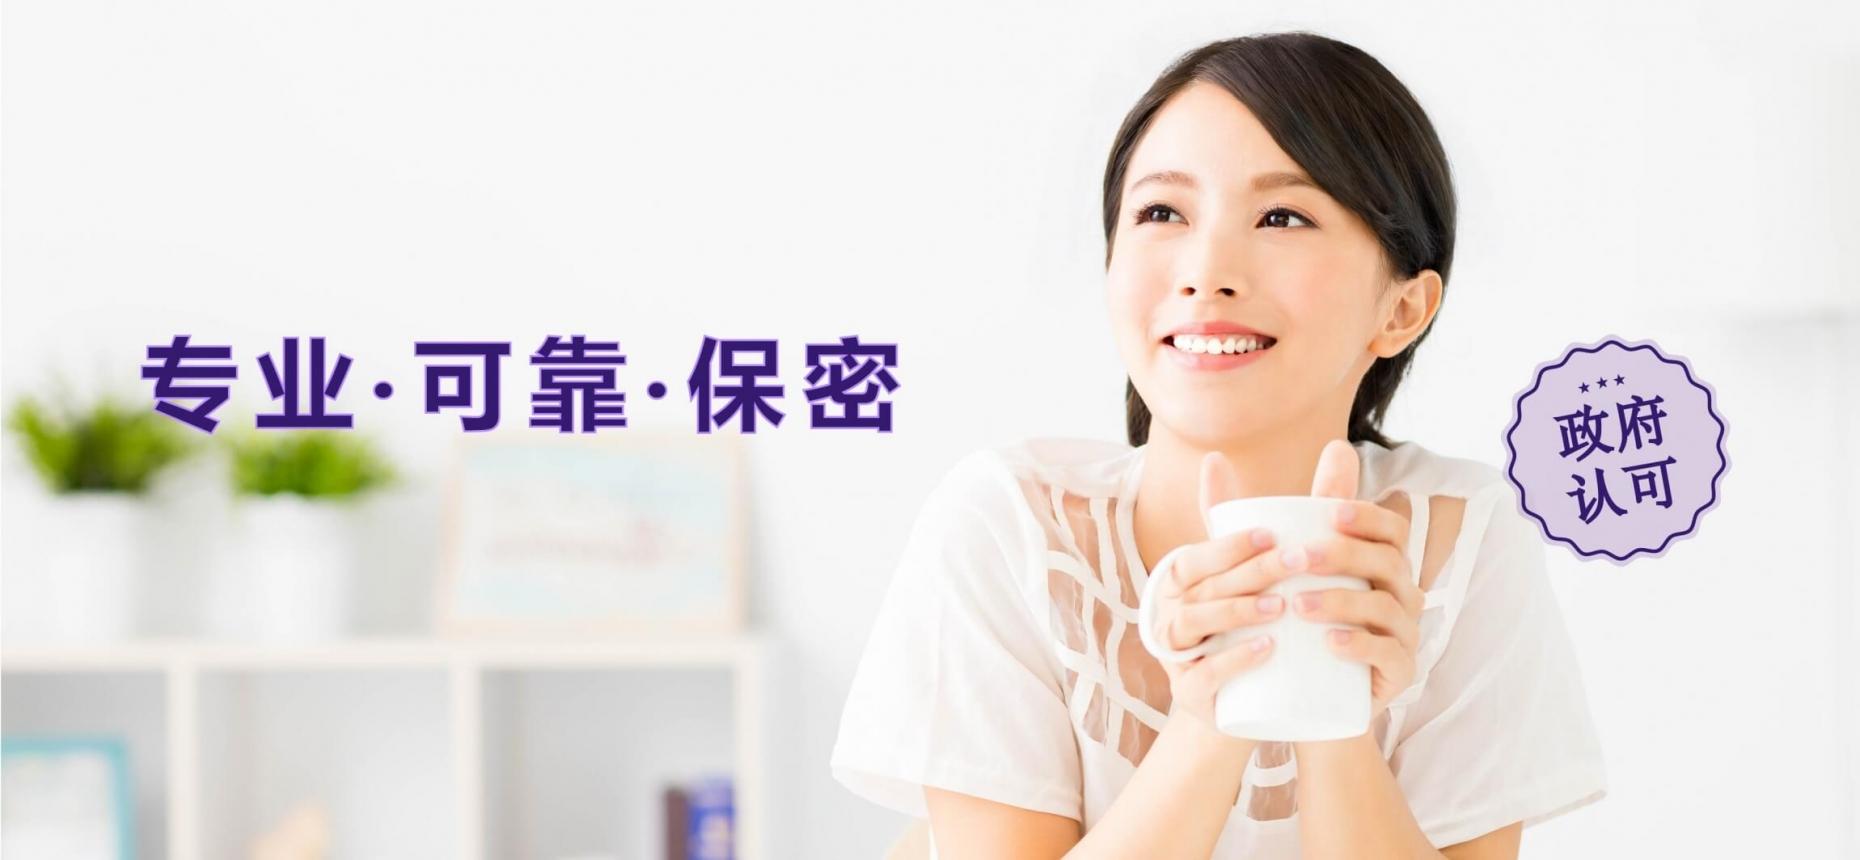 香港無創DNA費用是多少?